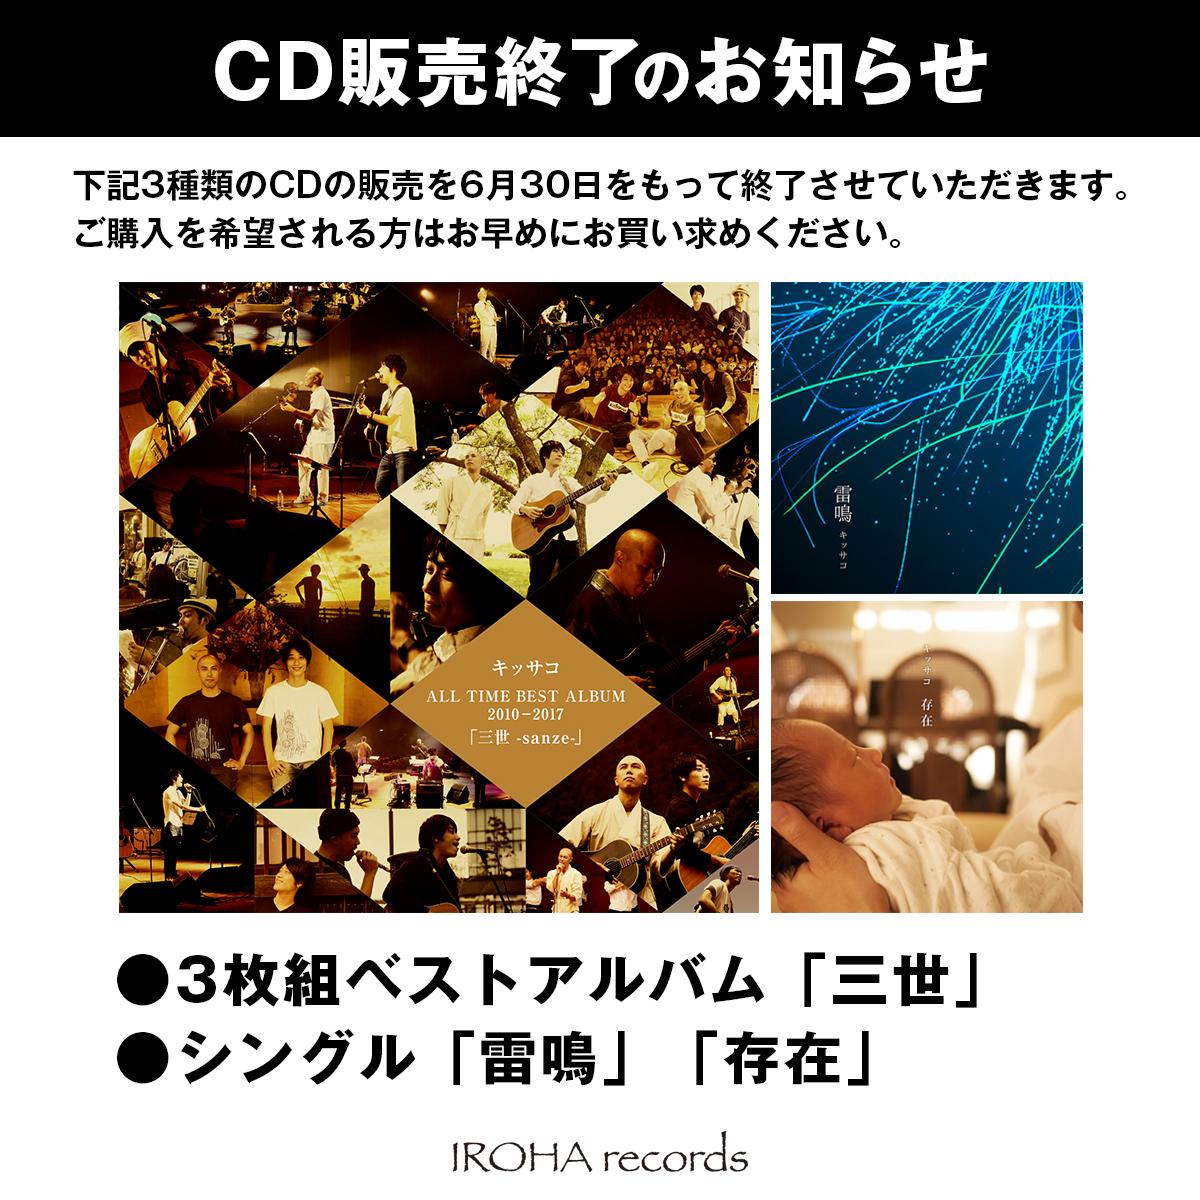 CD(3種類)販売終了のお知らせ